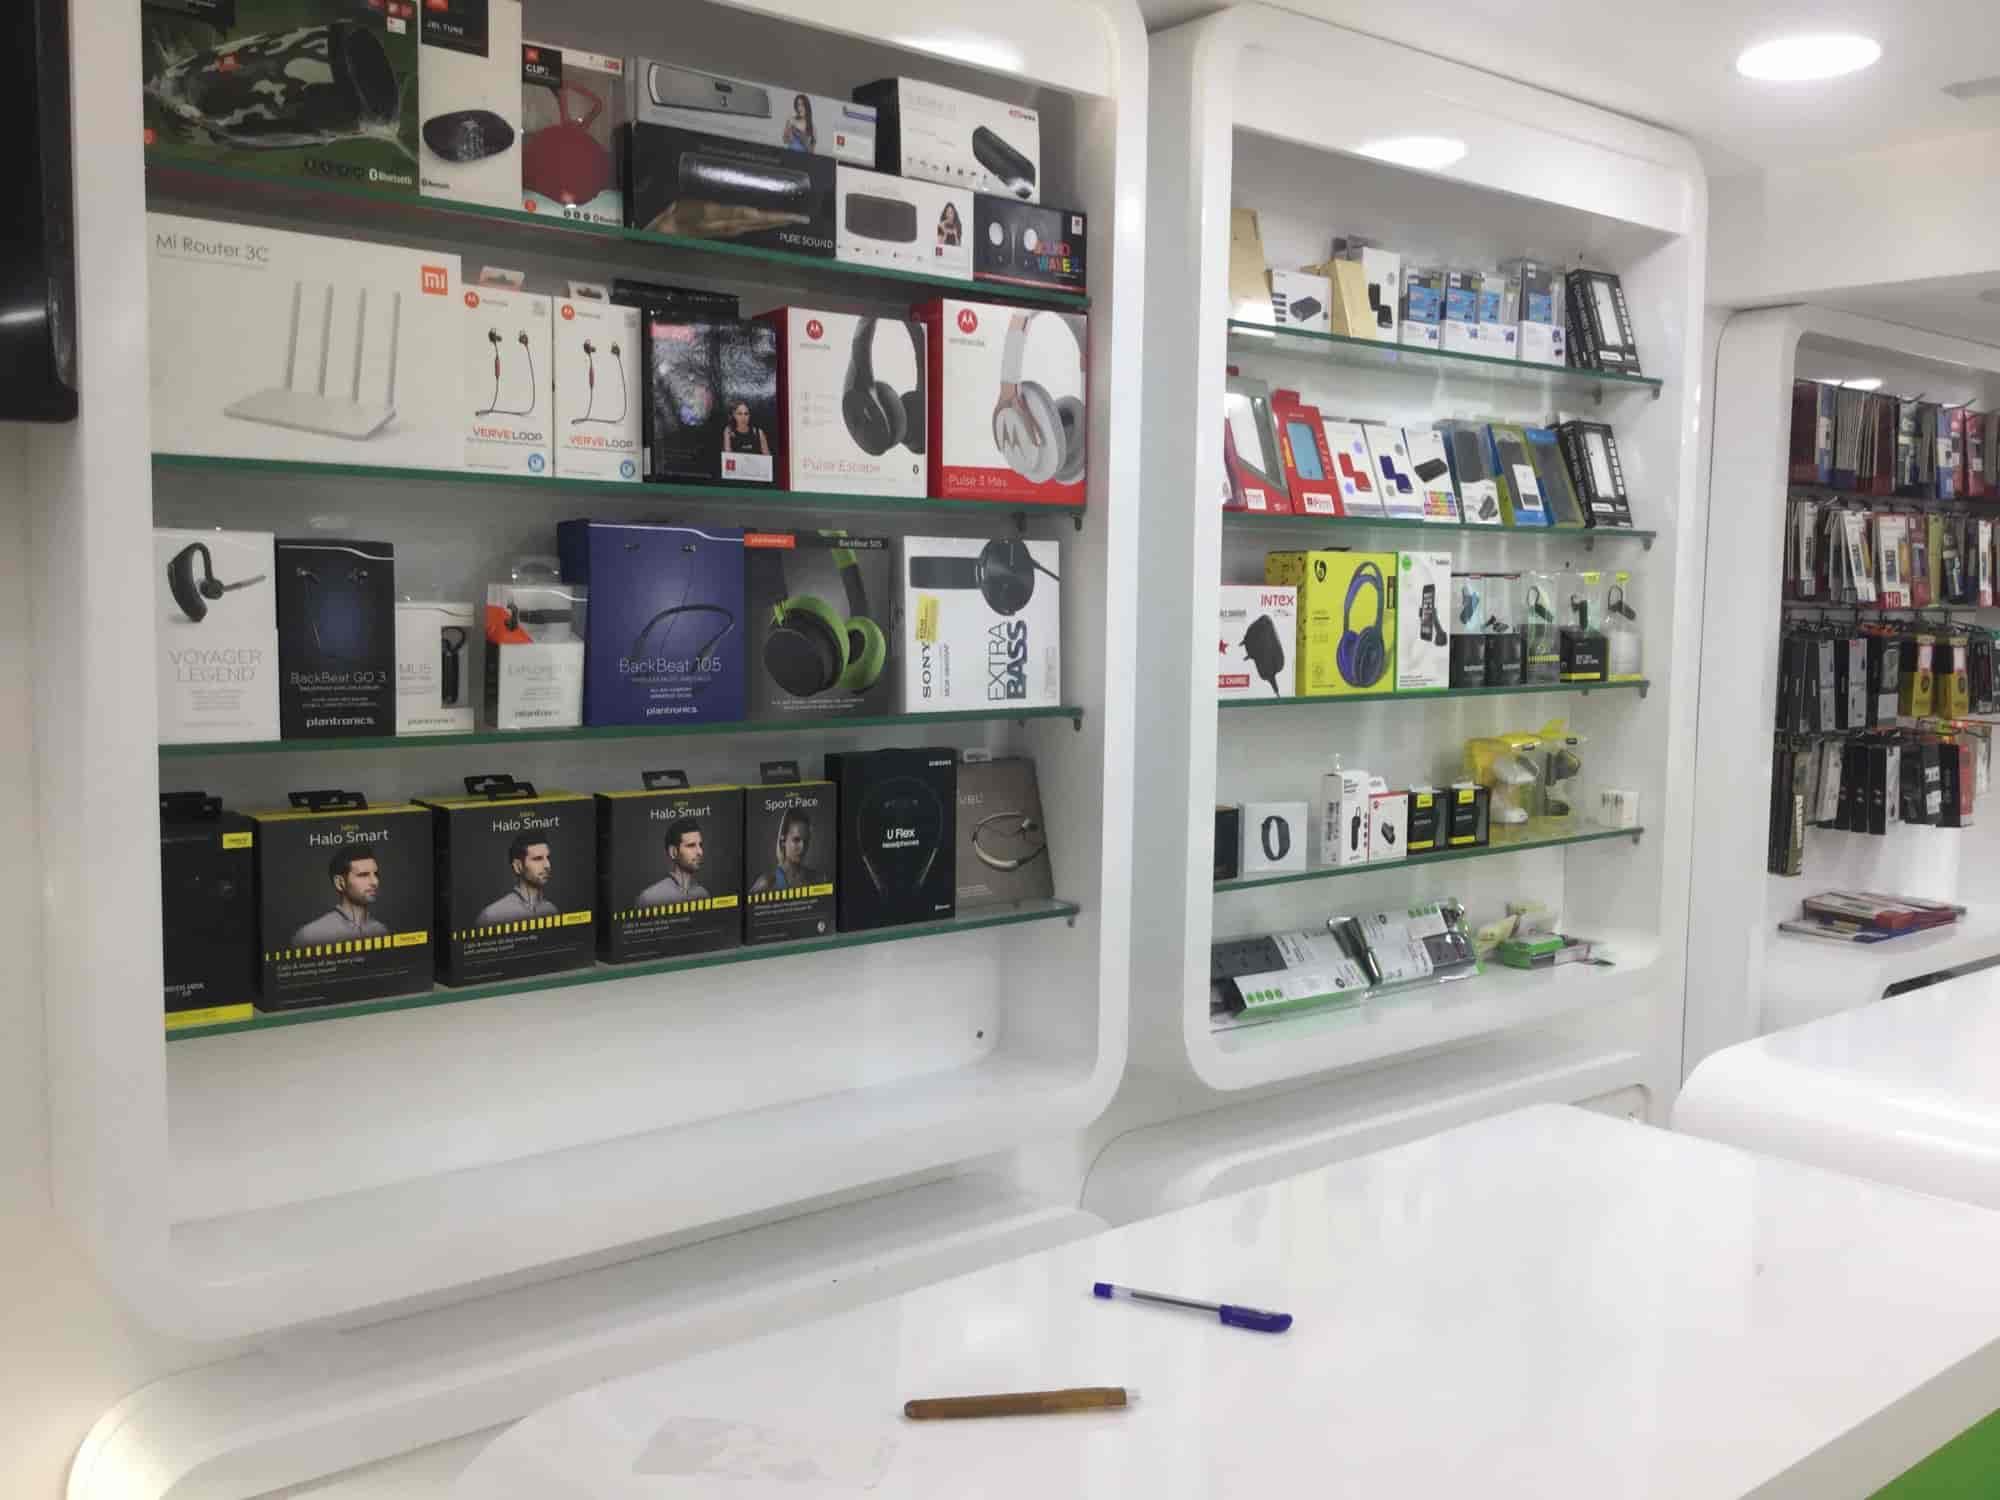 Tecq, Palarivattom - Mobile Phone Dealers in Ernakulam